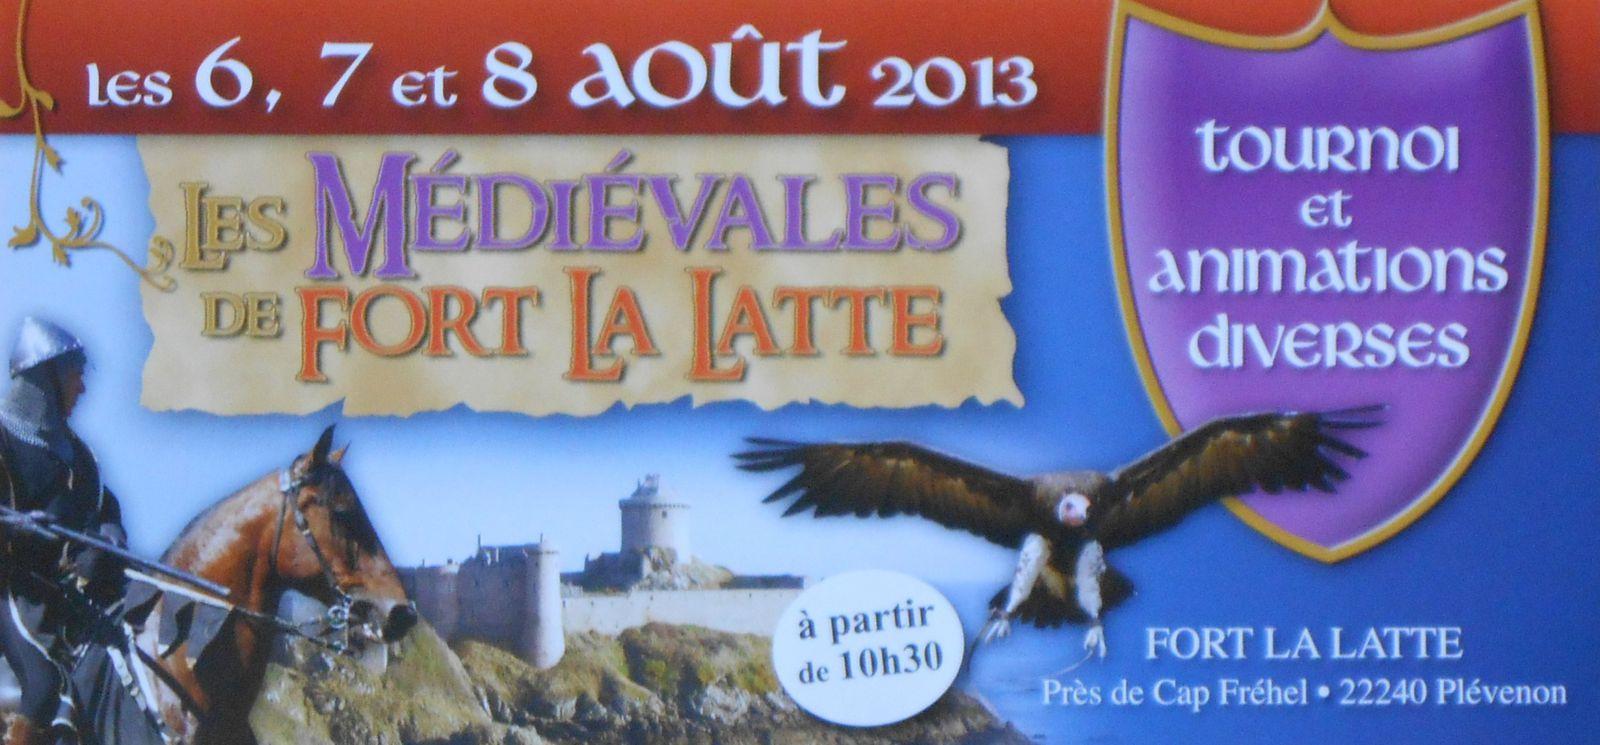 Les médiévales de Fort La Latte